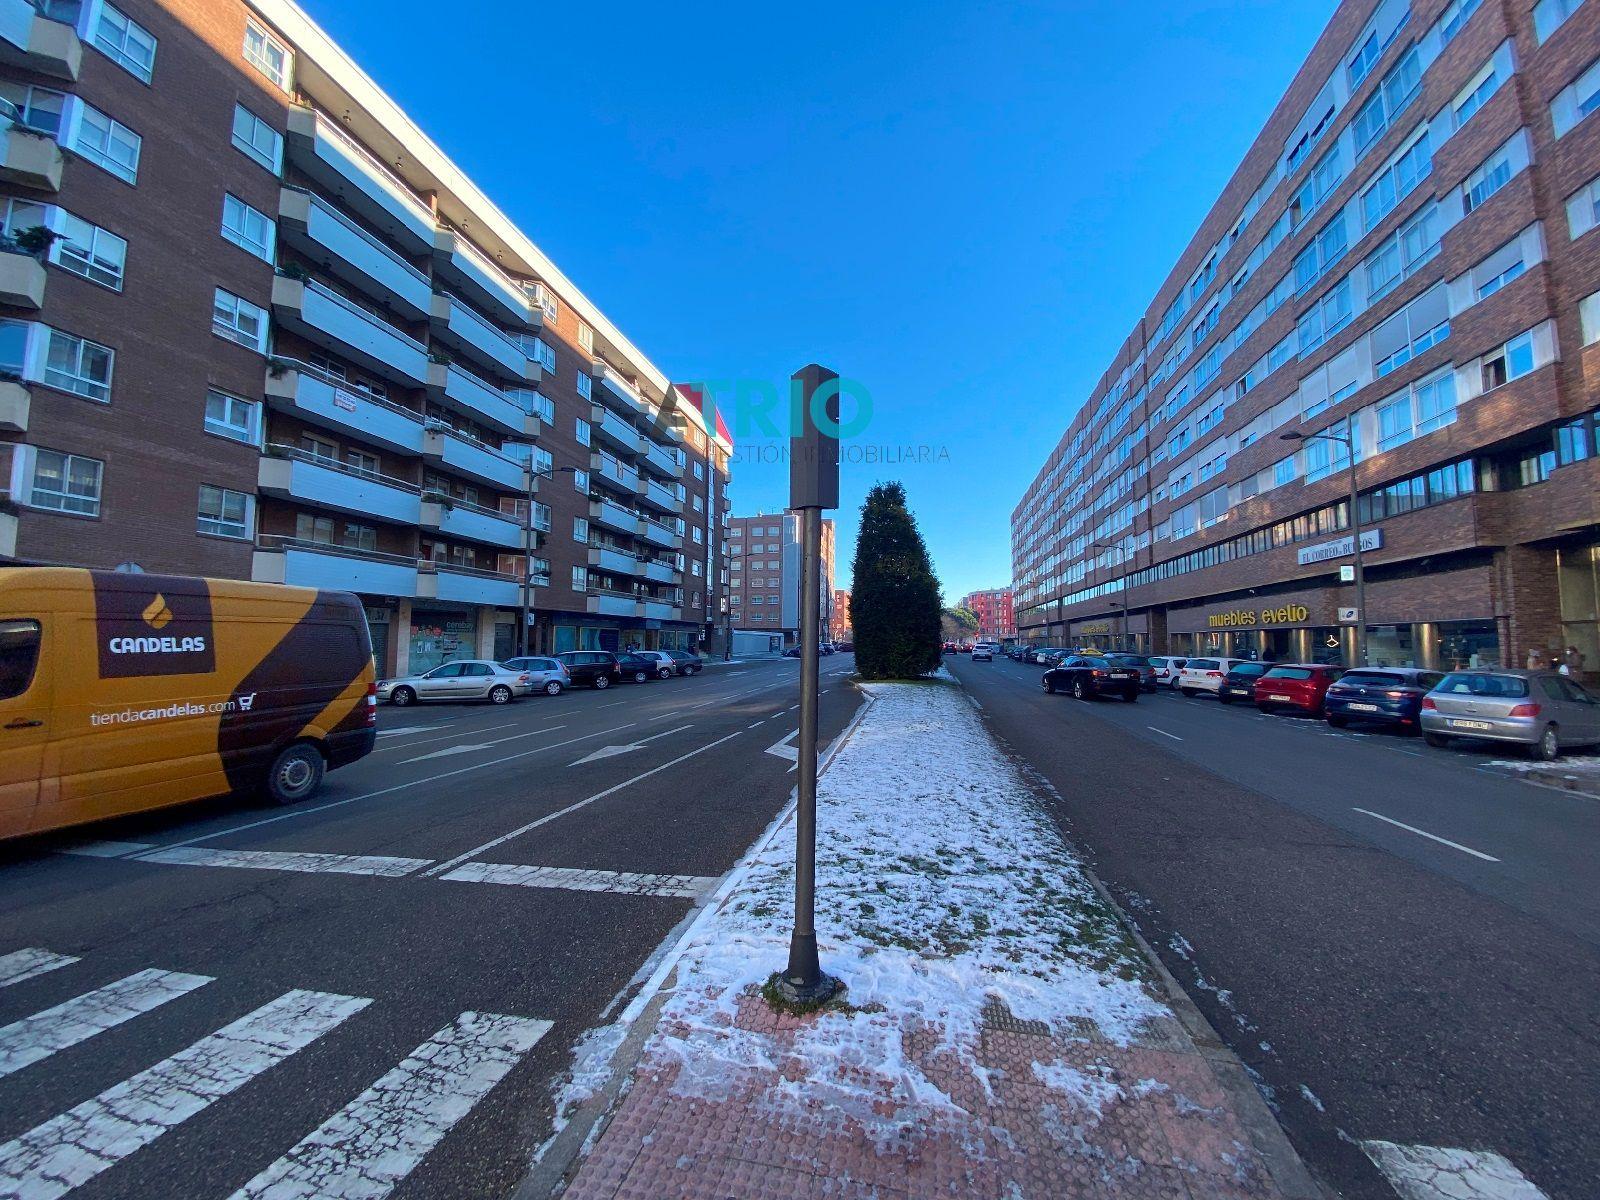 dia.mobiliagestion.es/Portals/inmoatrio/Images/7244/5913384